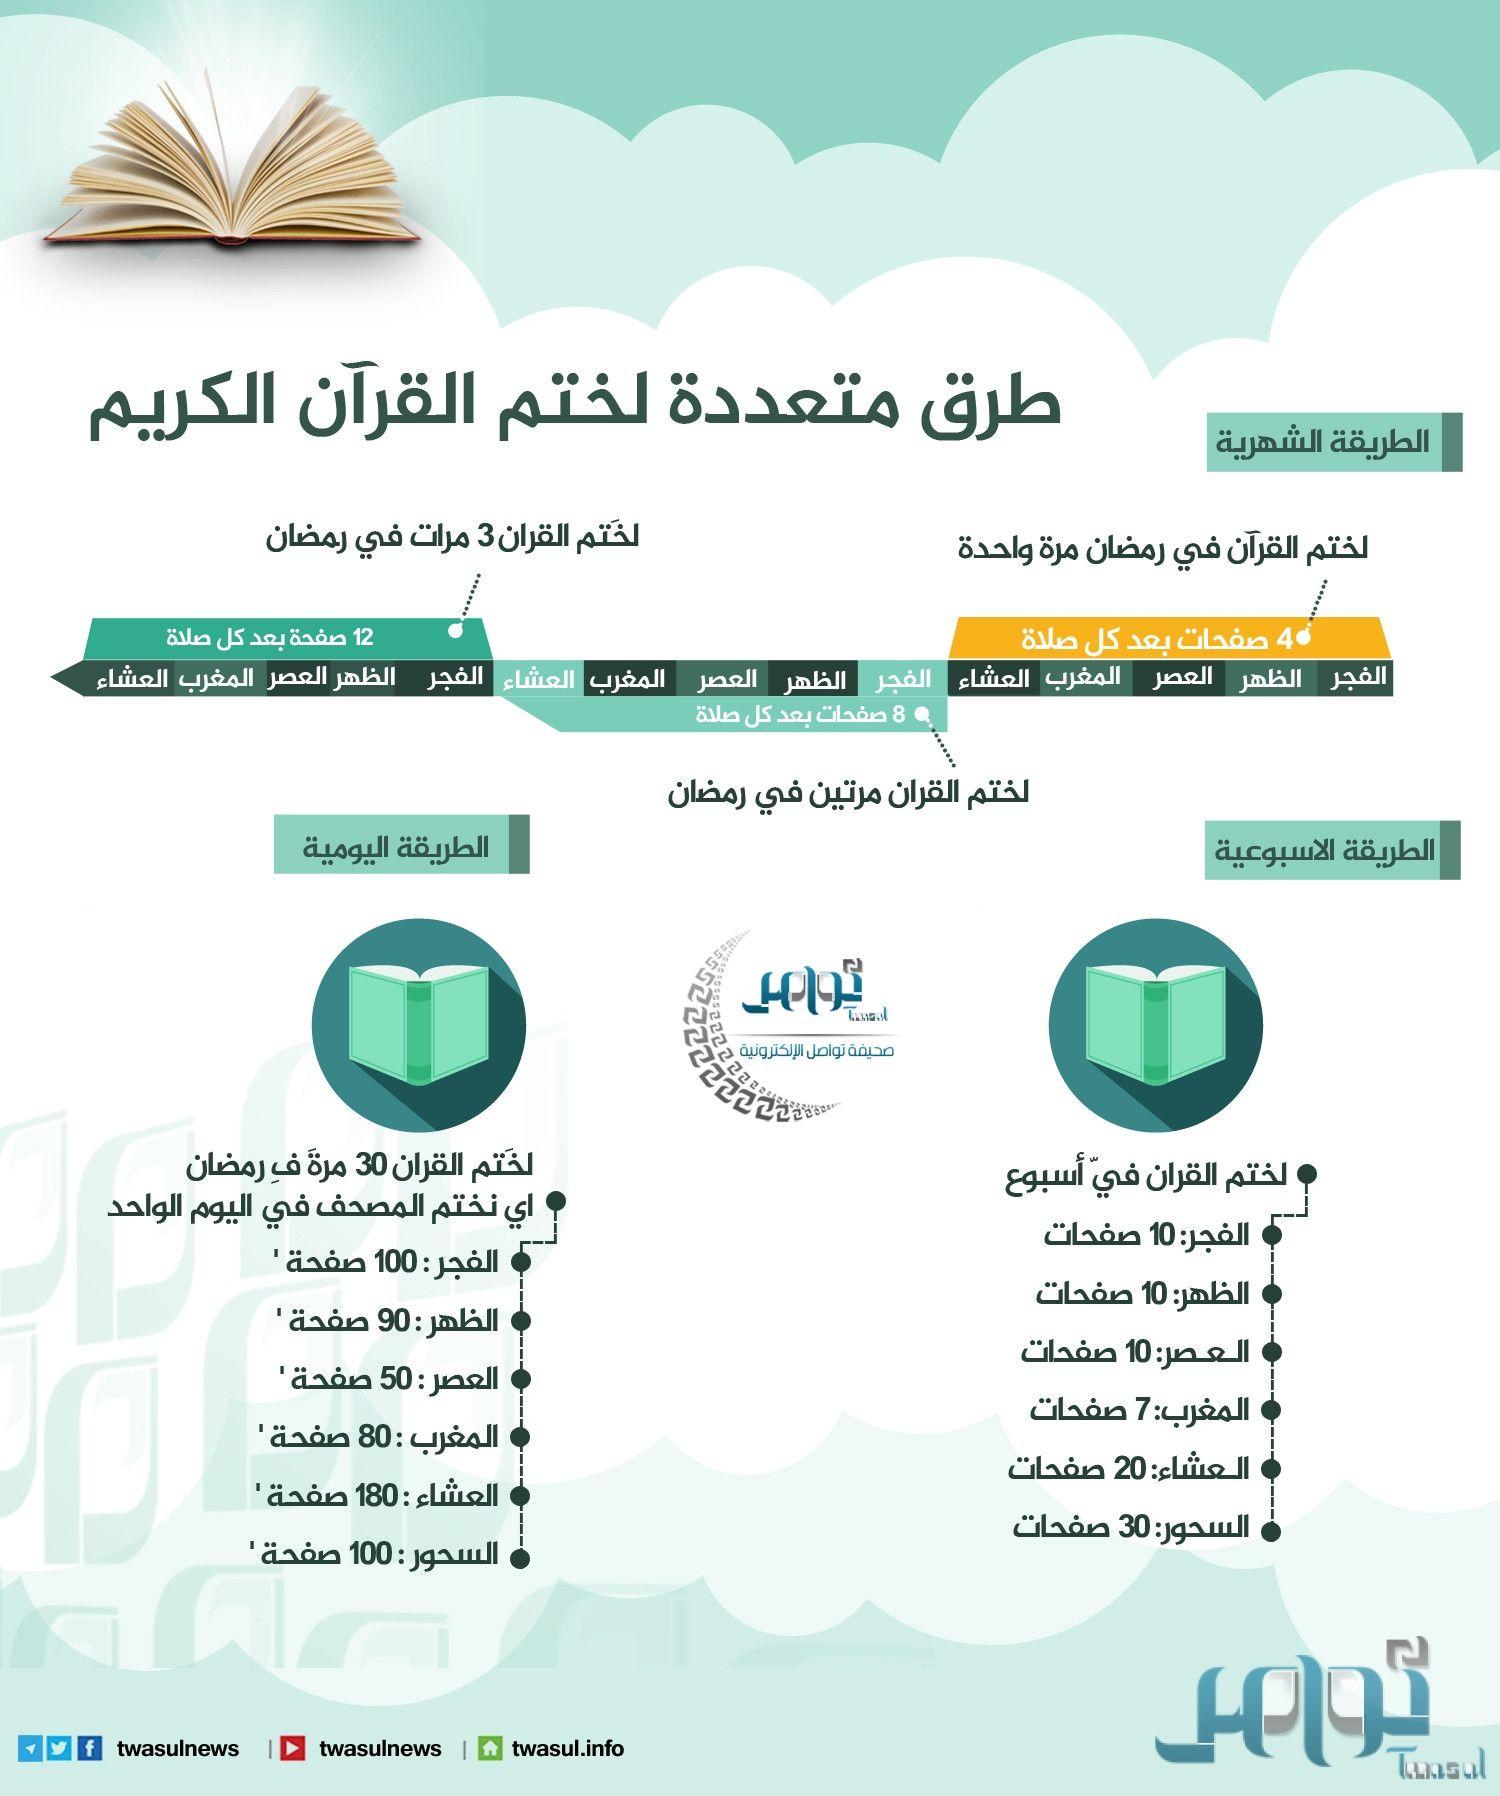 انفوجرافيك طرق متعددة لختم القرآن الكريم في رمضان Islamic Kids Activities Islam For Kids Ramadan